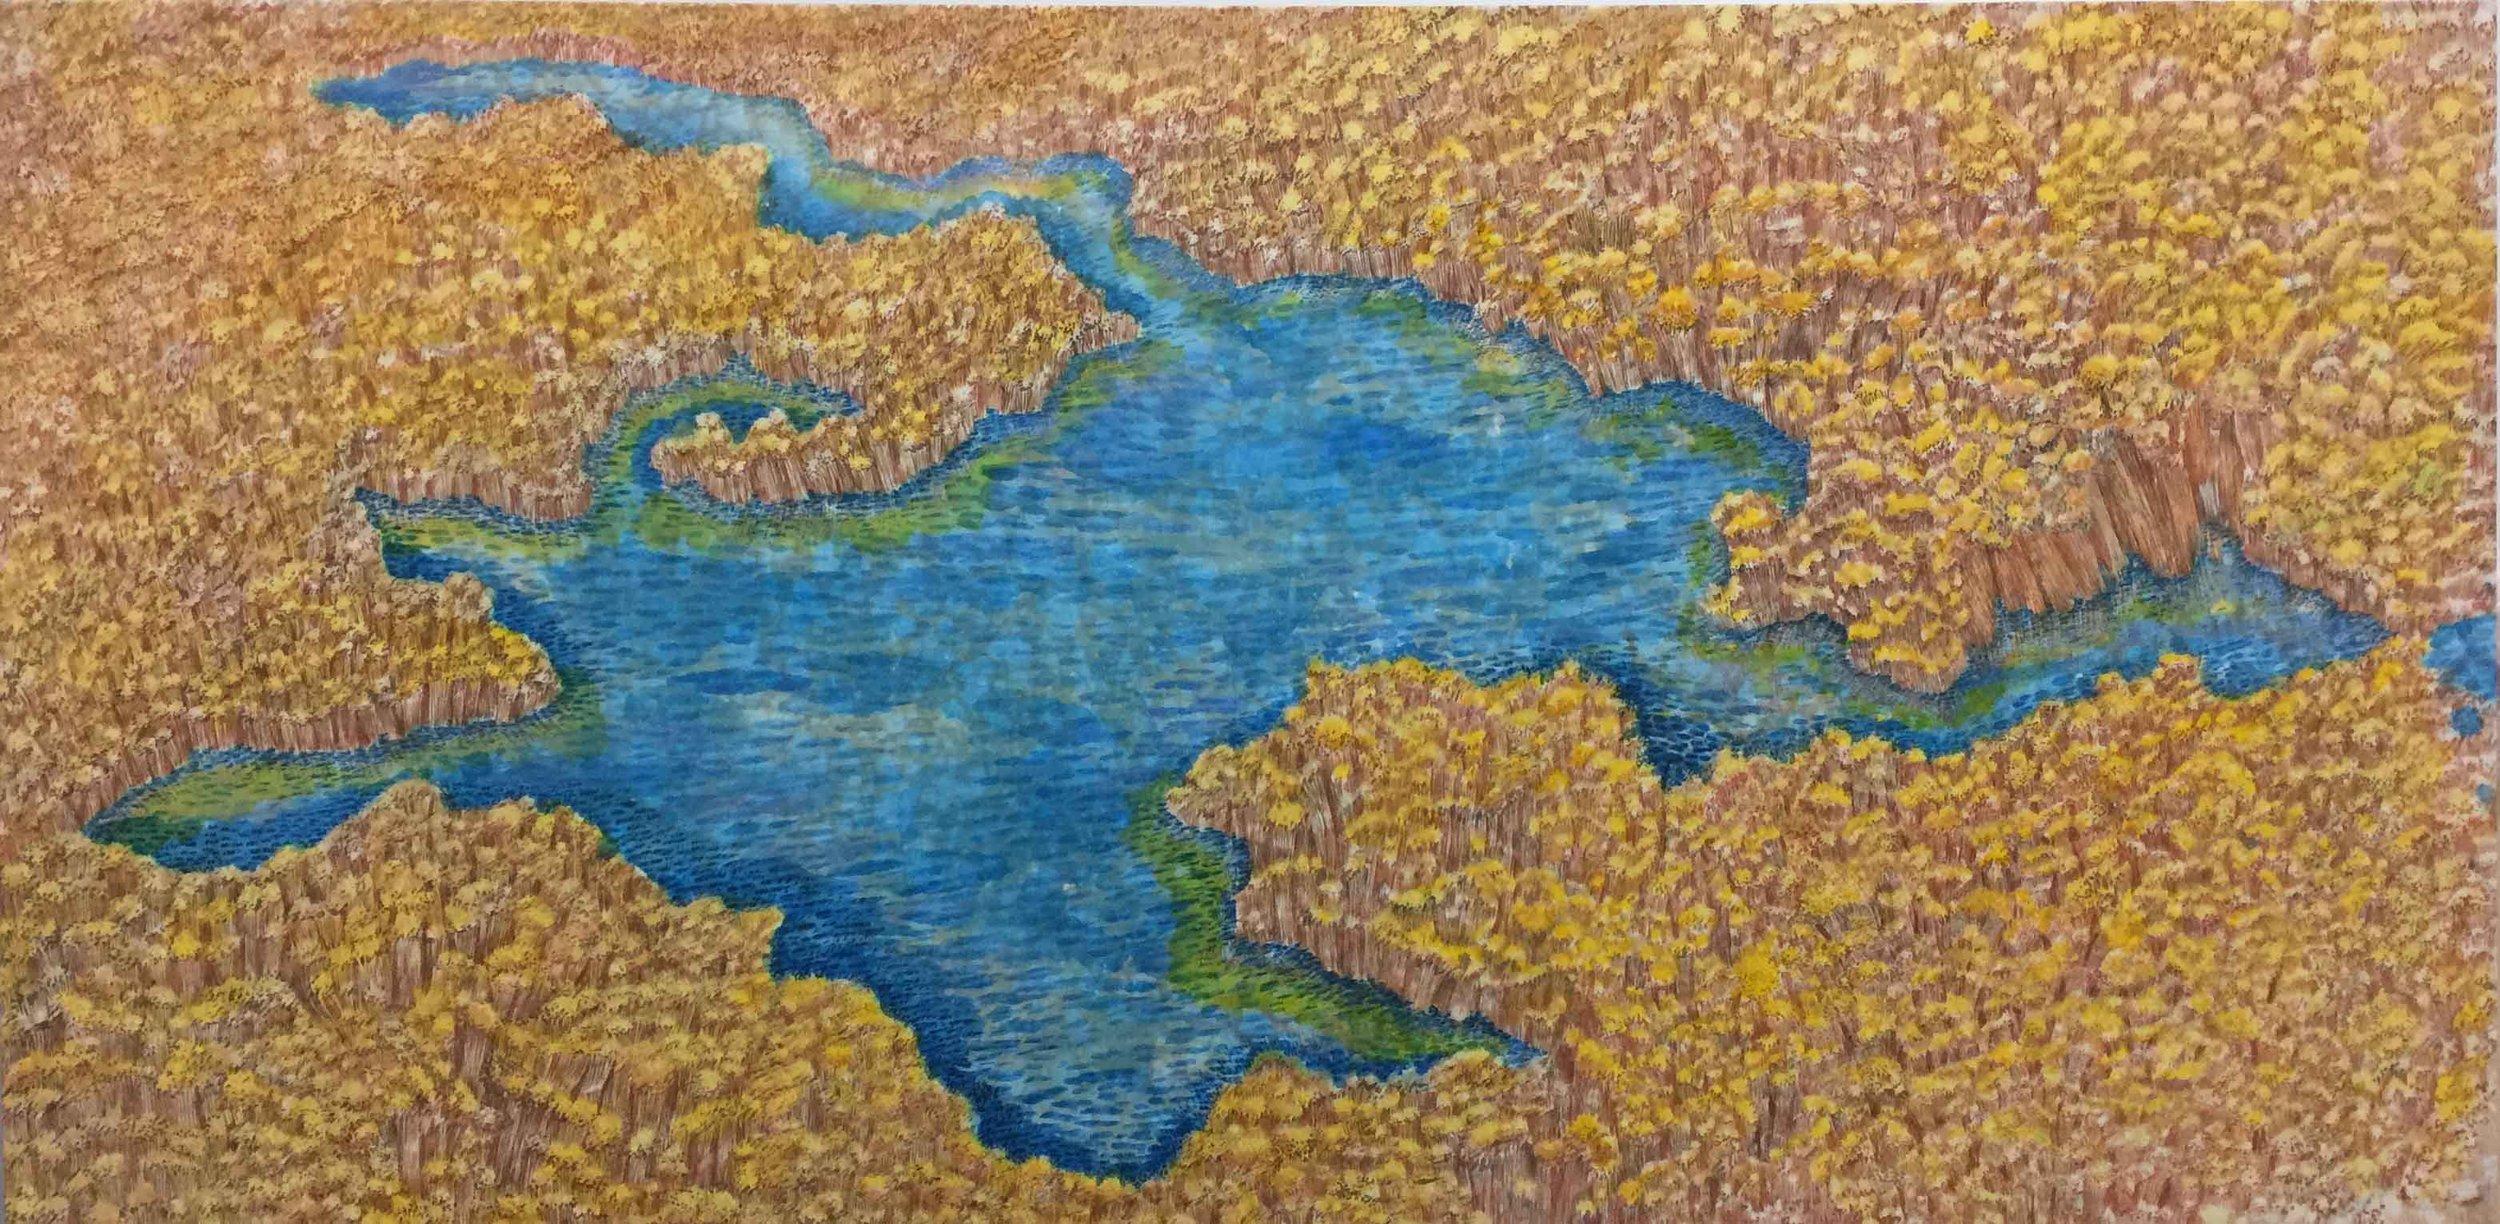 心之印象三:心湖 The Heart Impression II : The Lake of Heart